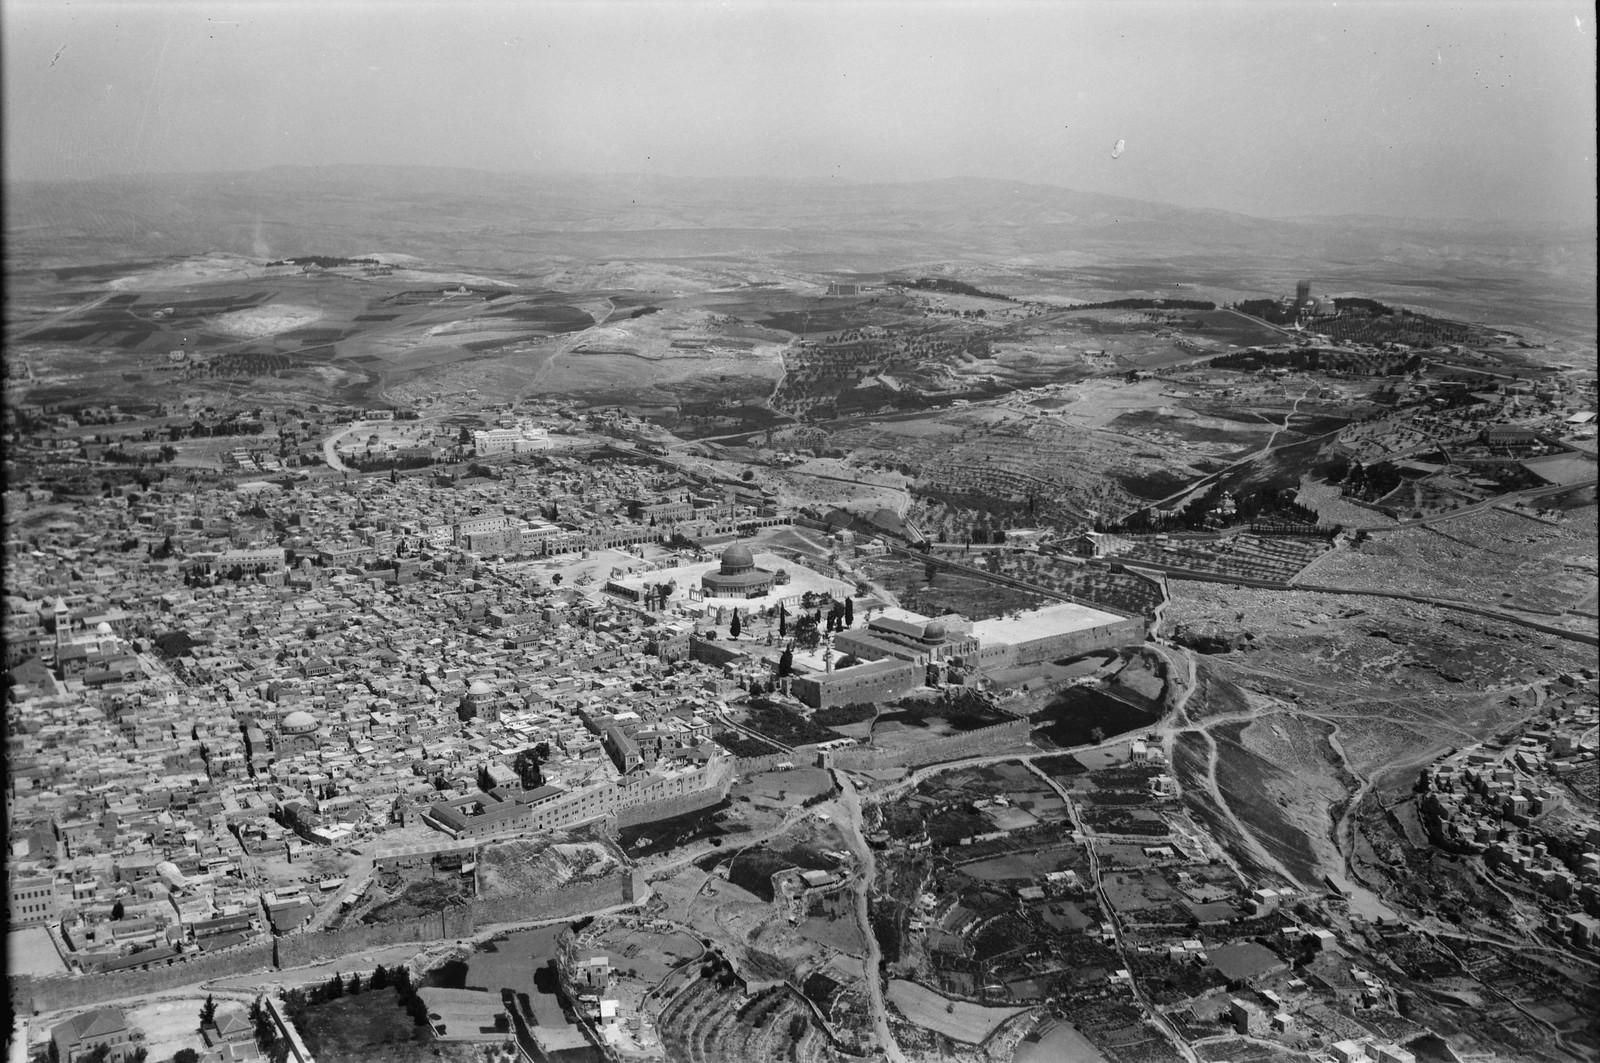 11. Иерусалим с воздуха (Старый Город).  Юго-восточная часть города. Показывает храмовую область, вид с северо-востока